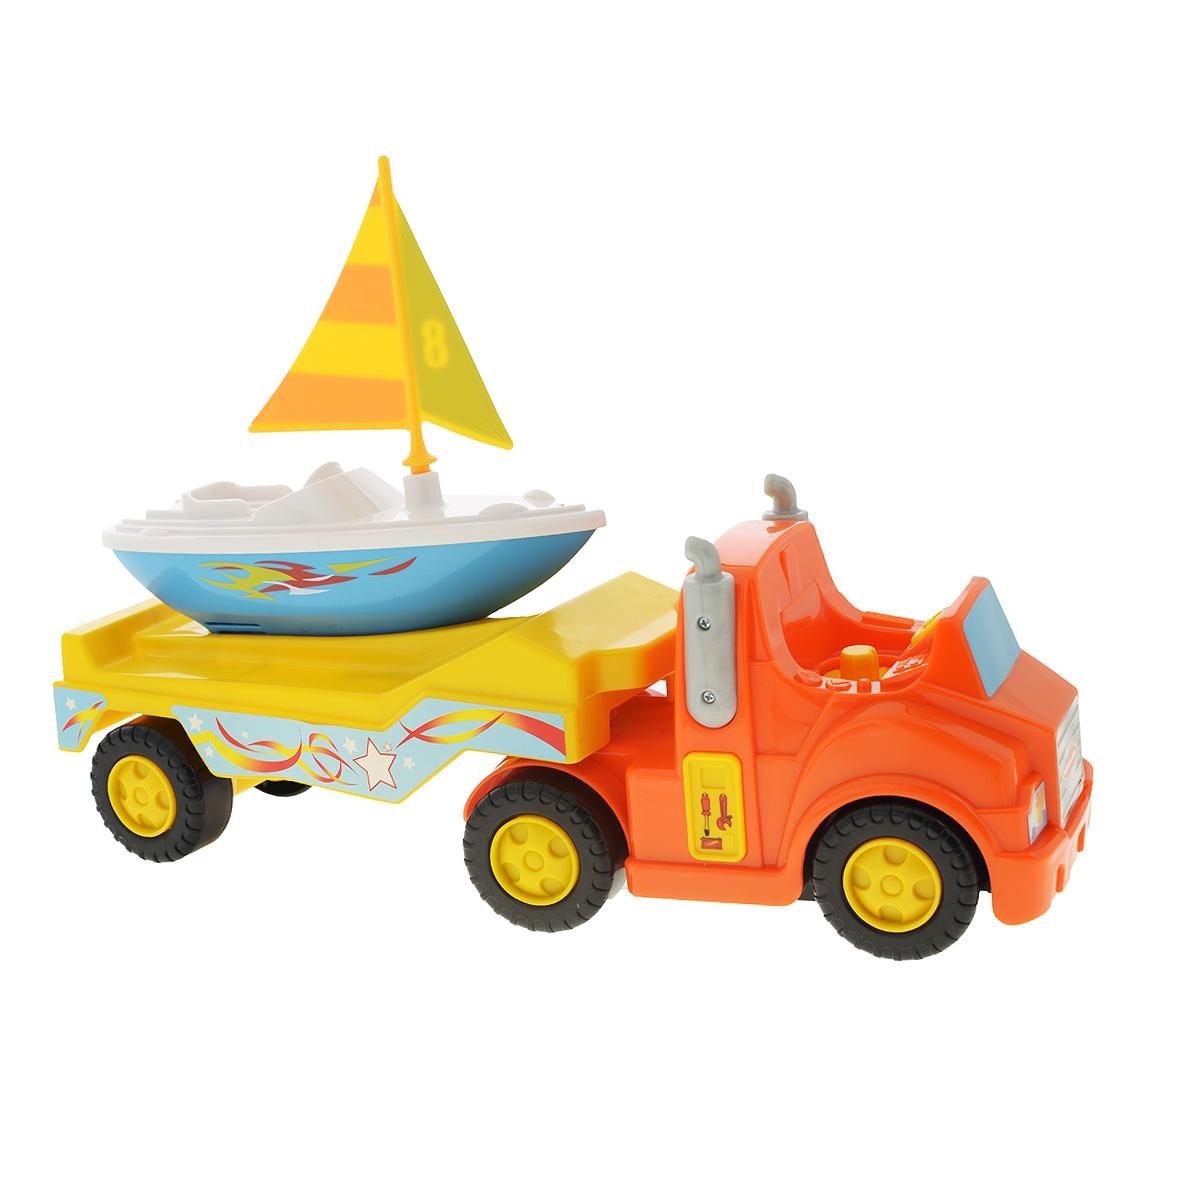 Kiddieland Развивающая игрушка Трейлер с яхтойKID 047928.1Развивающая игрушка Kiddieland Трейлер с яхтой - это отличный подарок для малыша. Развивающая игрушка формирует мышление, логику, способствуют гармоничному развитию ребенка. Игрушка выполнена из пластмассовых деталей и окрашена в яркие цвета. При нажатии кнопок на кузове трейлера звучат веселые мелодии. Яхта прекрасно держится на воде, поэтому малыш может играть с ней во время купания. В набор входят: трейлер с водителем, яхта с парусом (без мотора), две батарейки. Игрушка способствует развитию познавательной активности, игровой деятельности. Тип батареек 1.5 АА - 2шт.